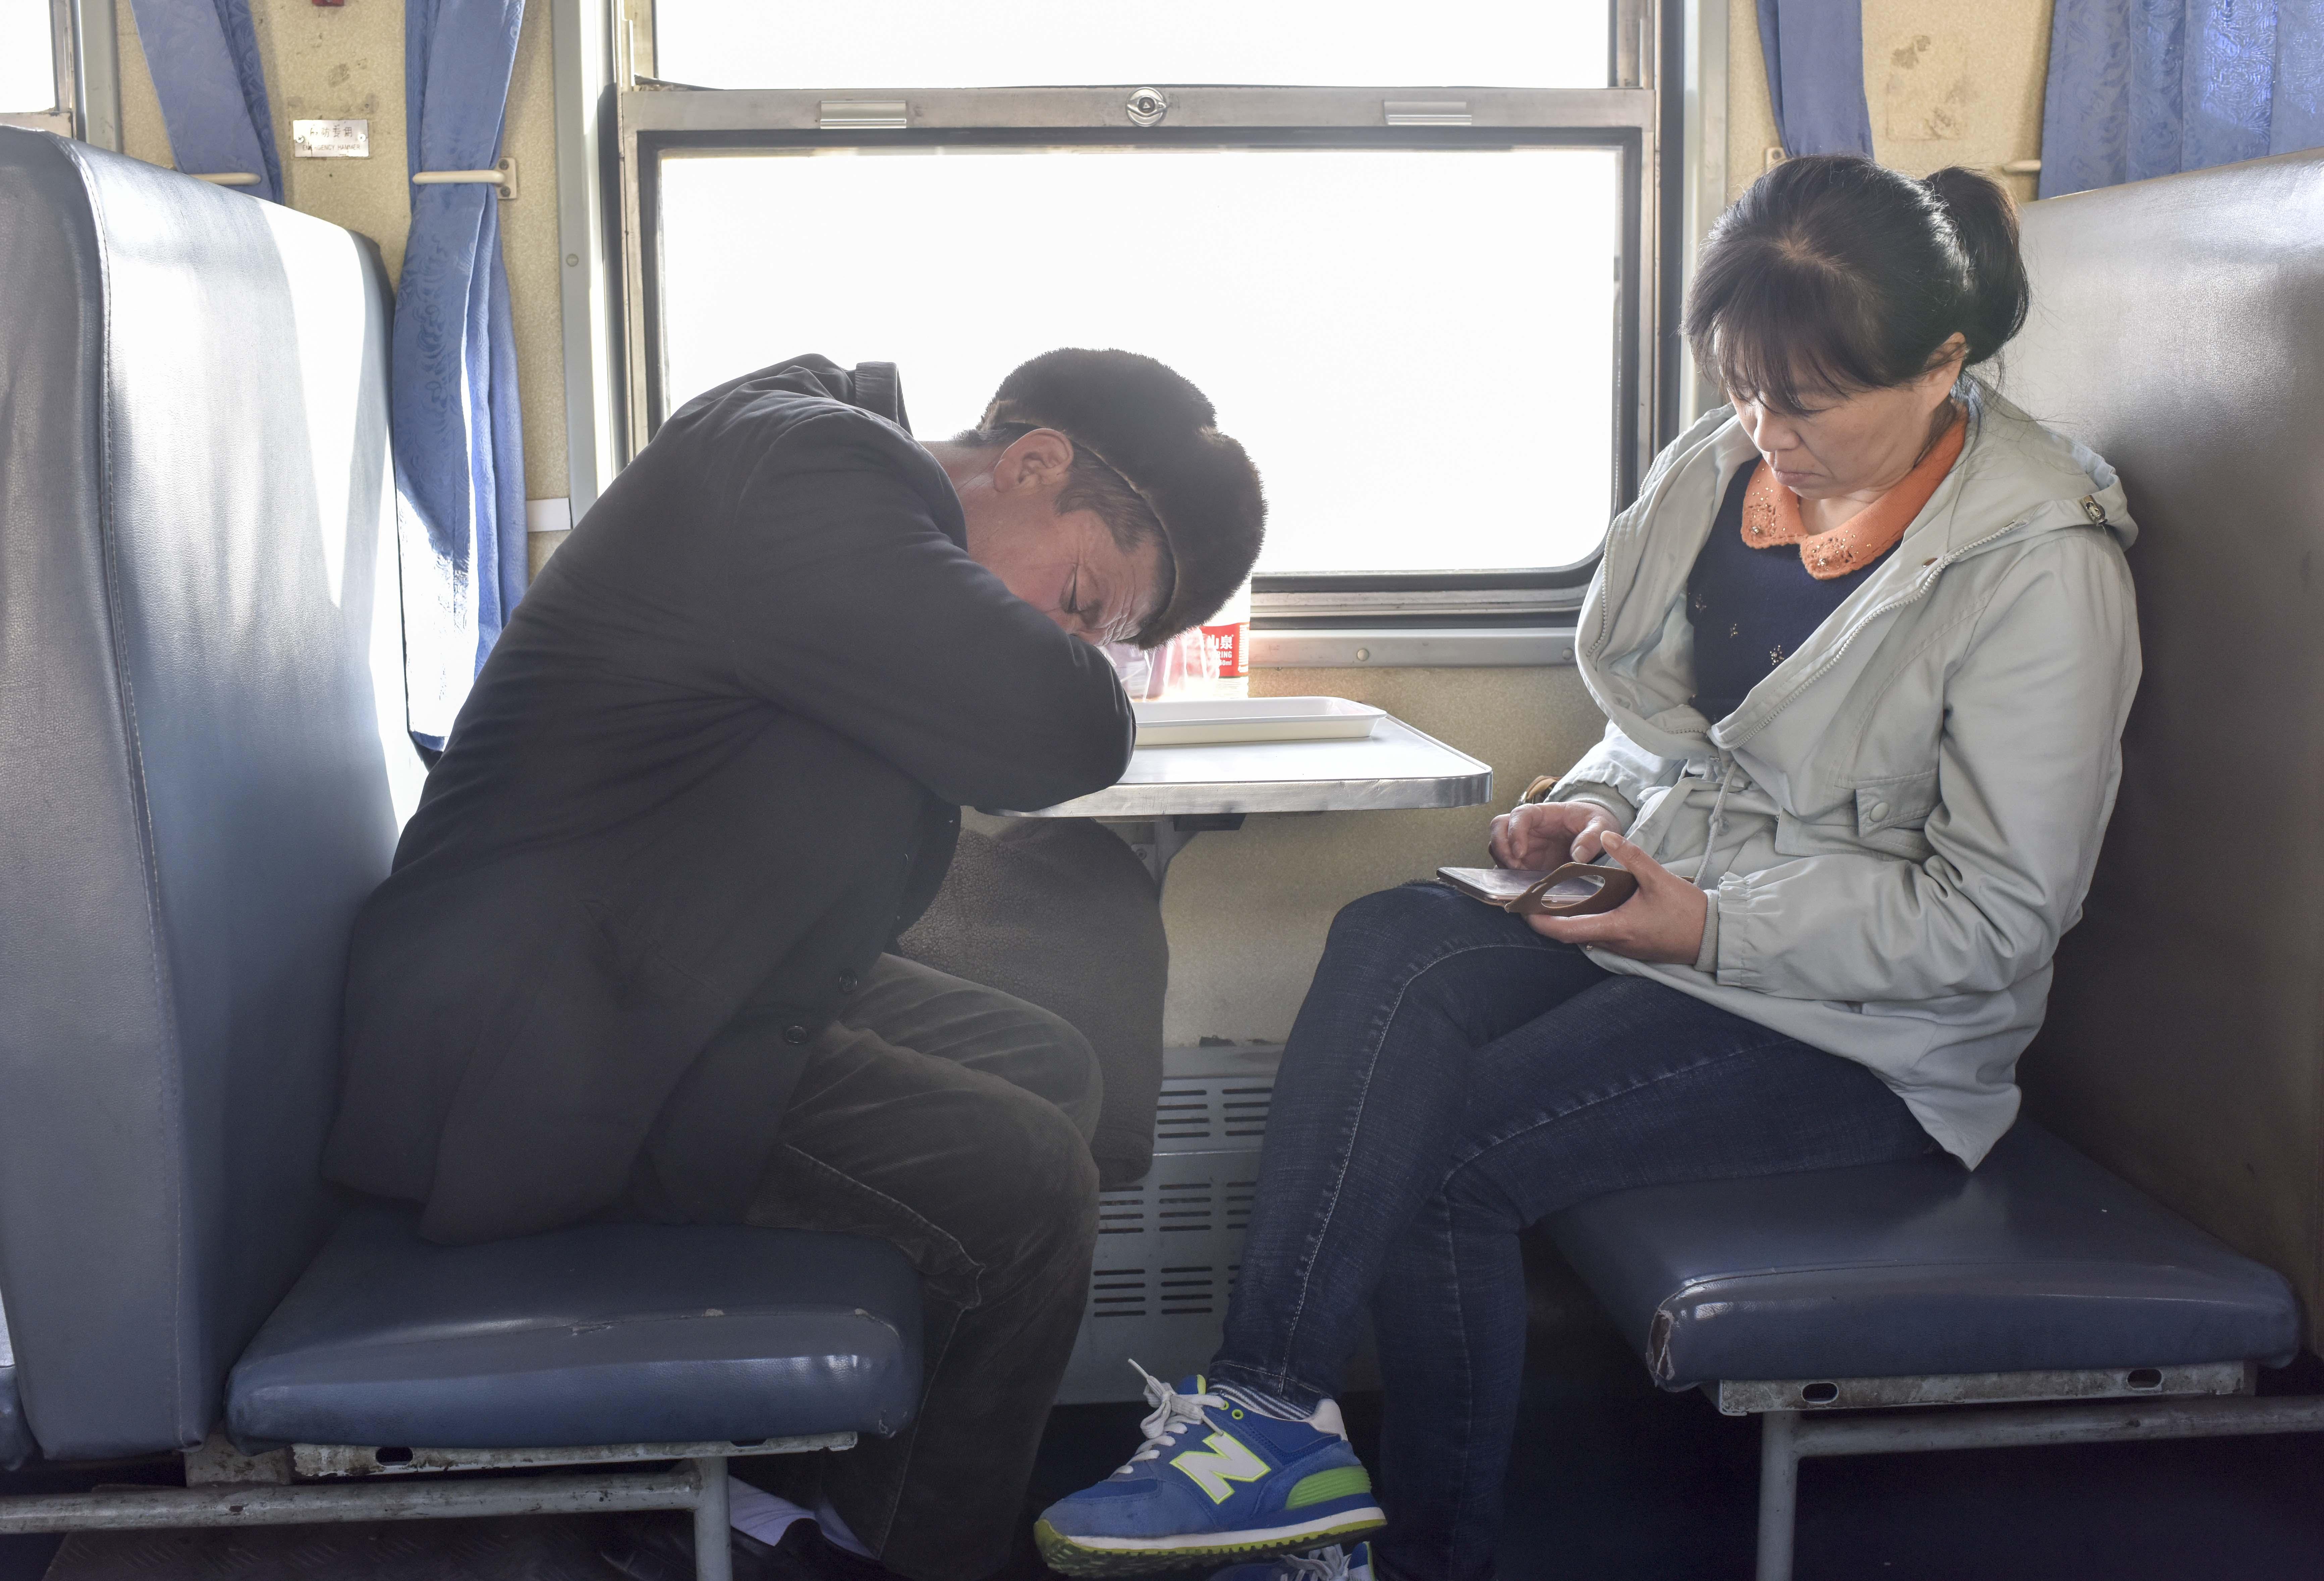 在由喀什开往和田饿5809次列车上,一位乘客正在看手机,另一位乘客正在休息(11月24日摄)。